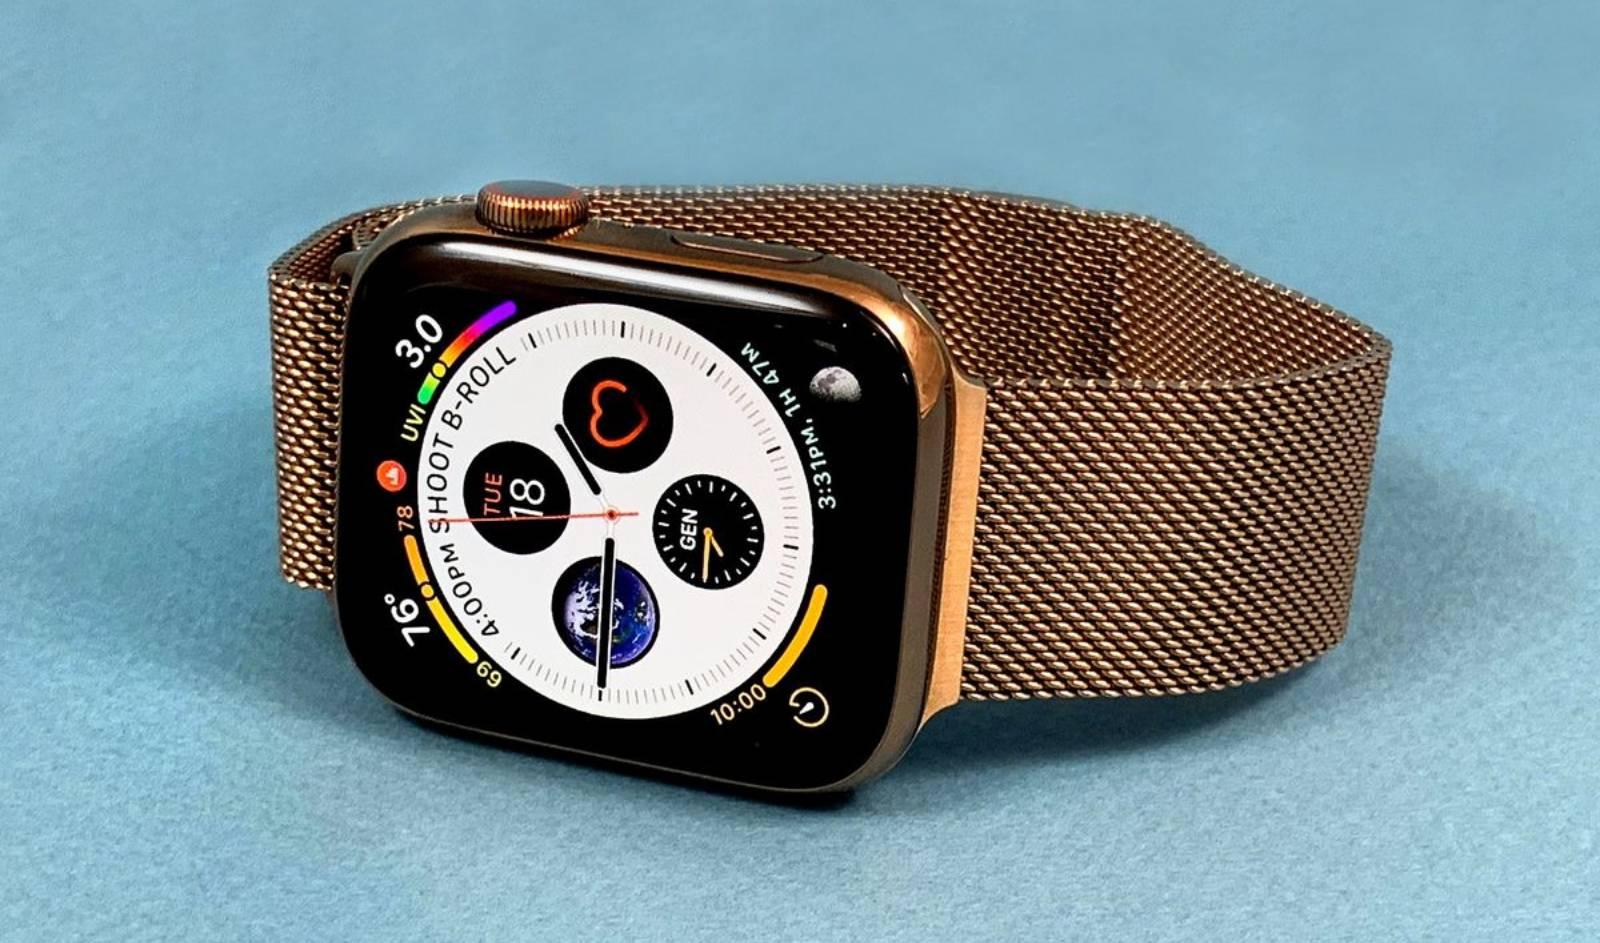 Apple Watch salvat viata tanar